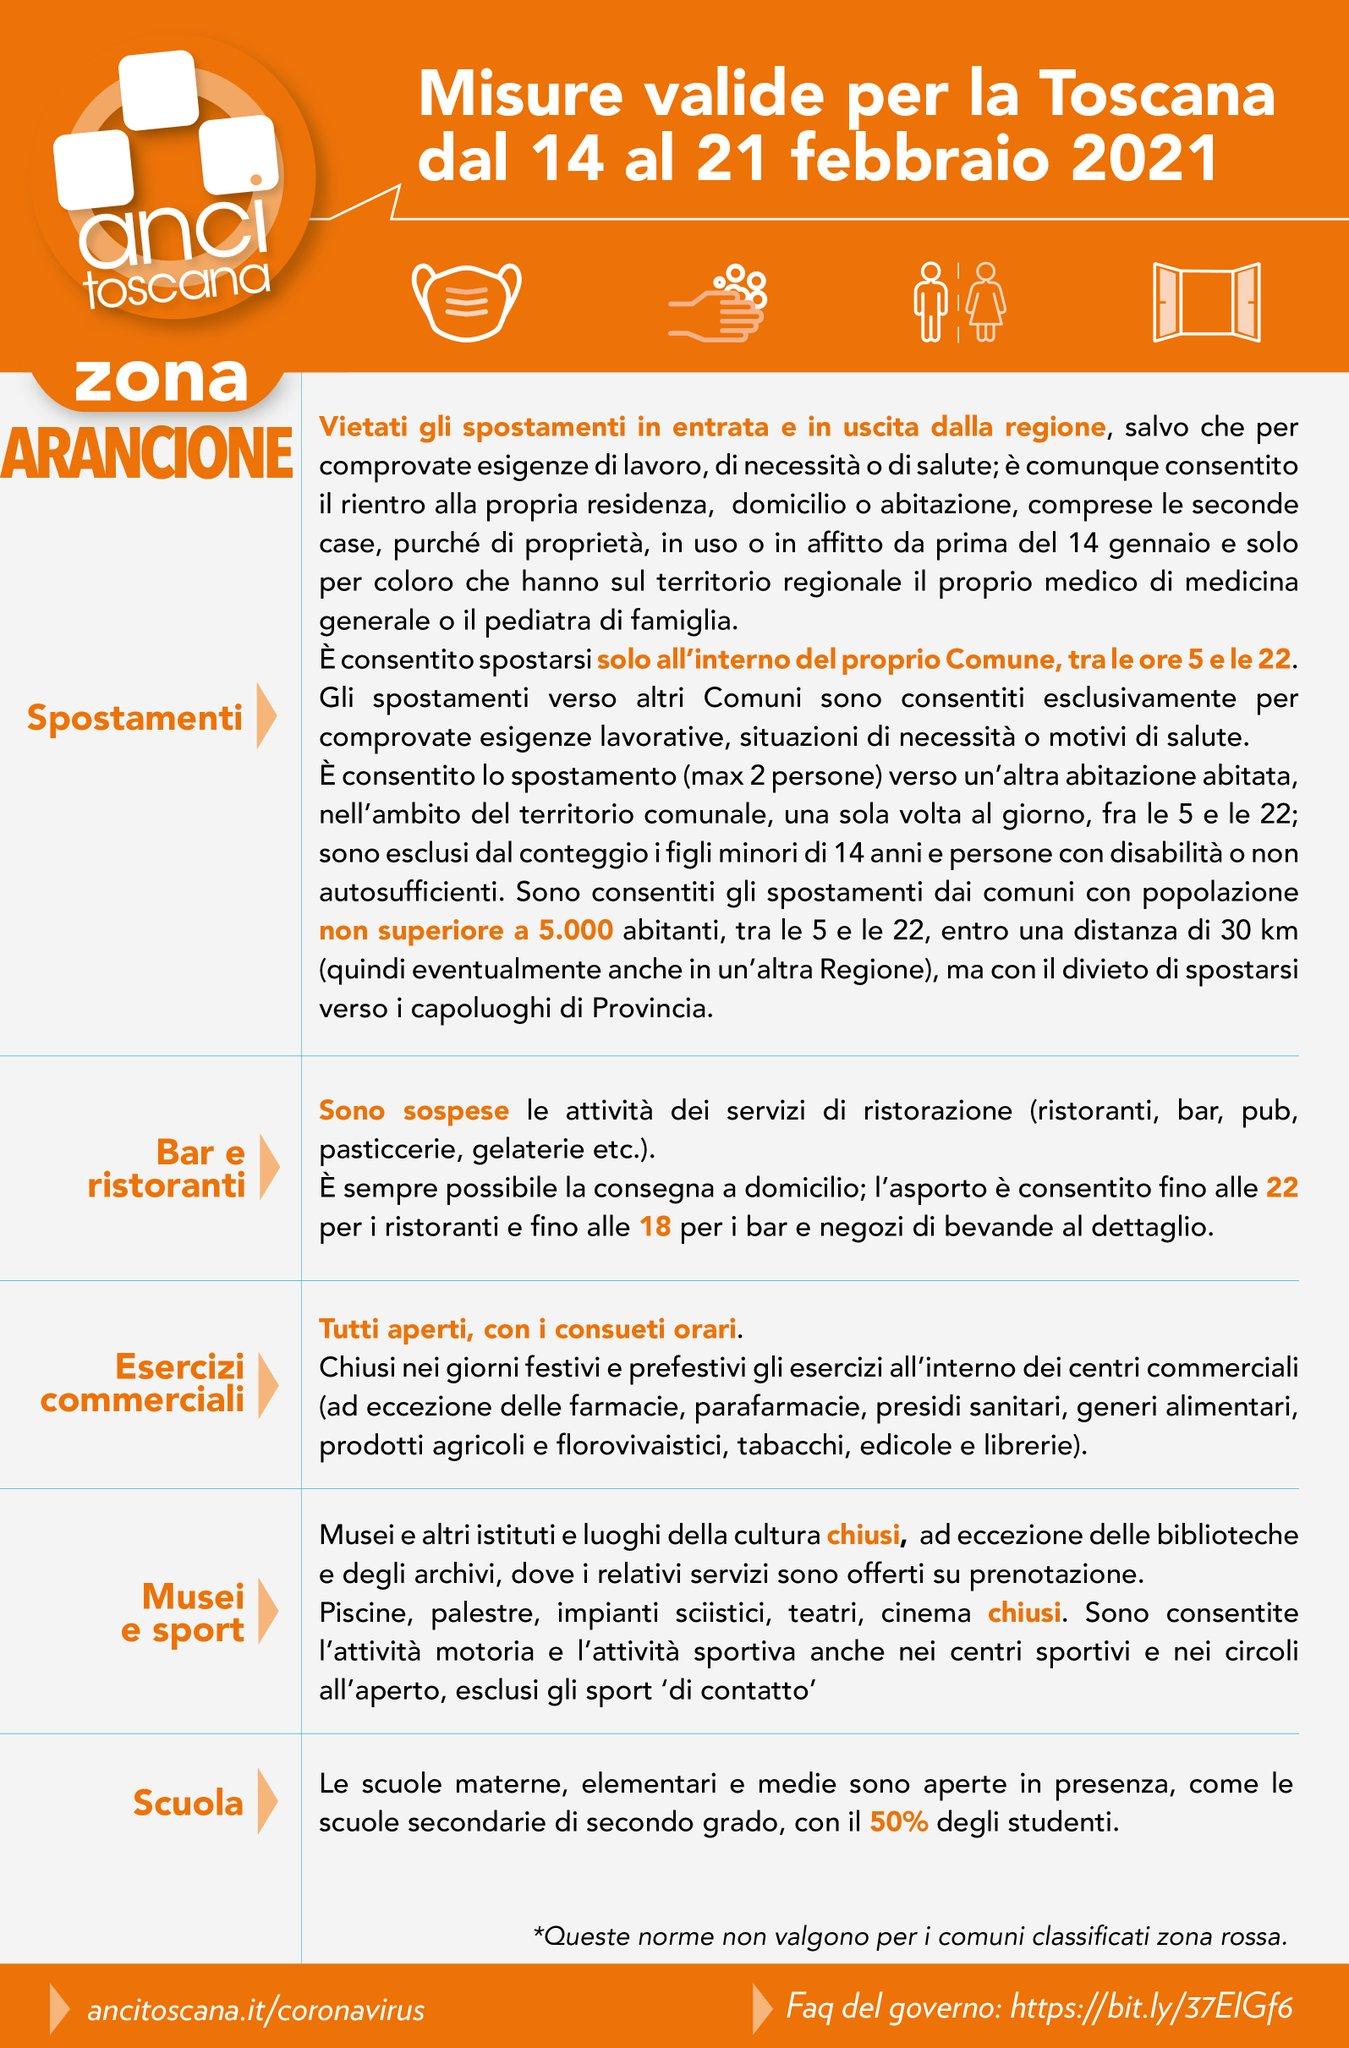 Emergenza COVID-19: Dal 14 al 21 febbraio Toscana collocata nella zona arancione